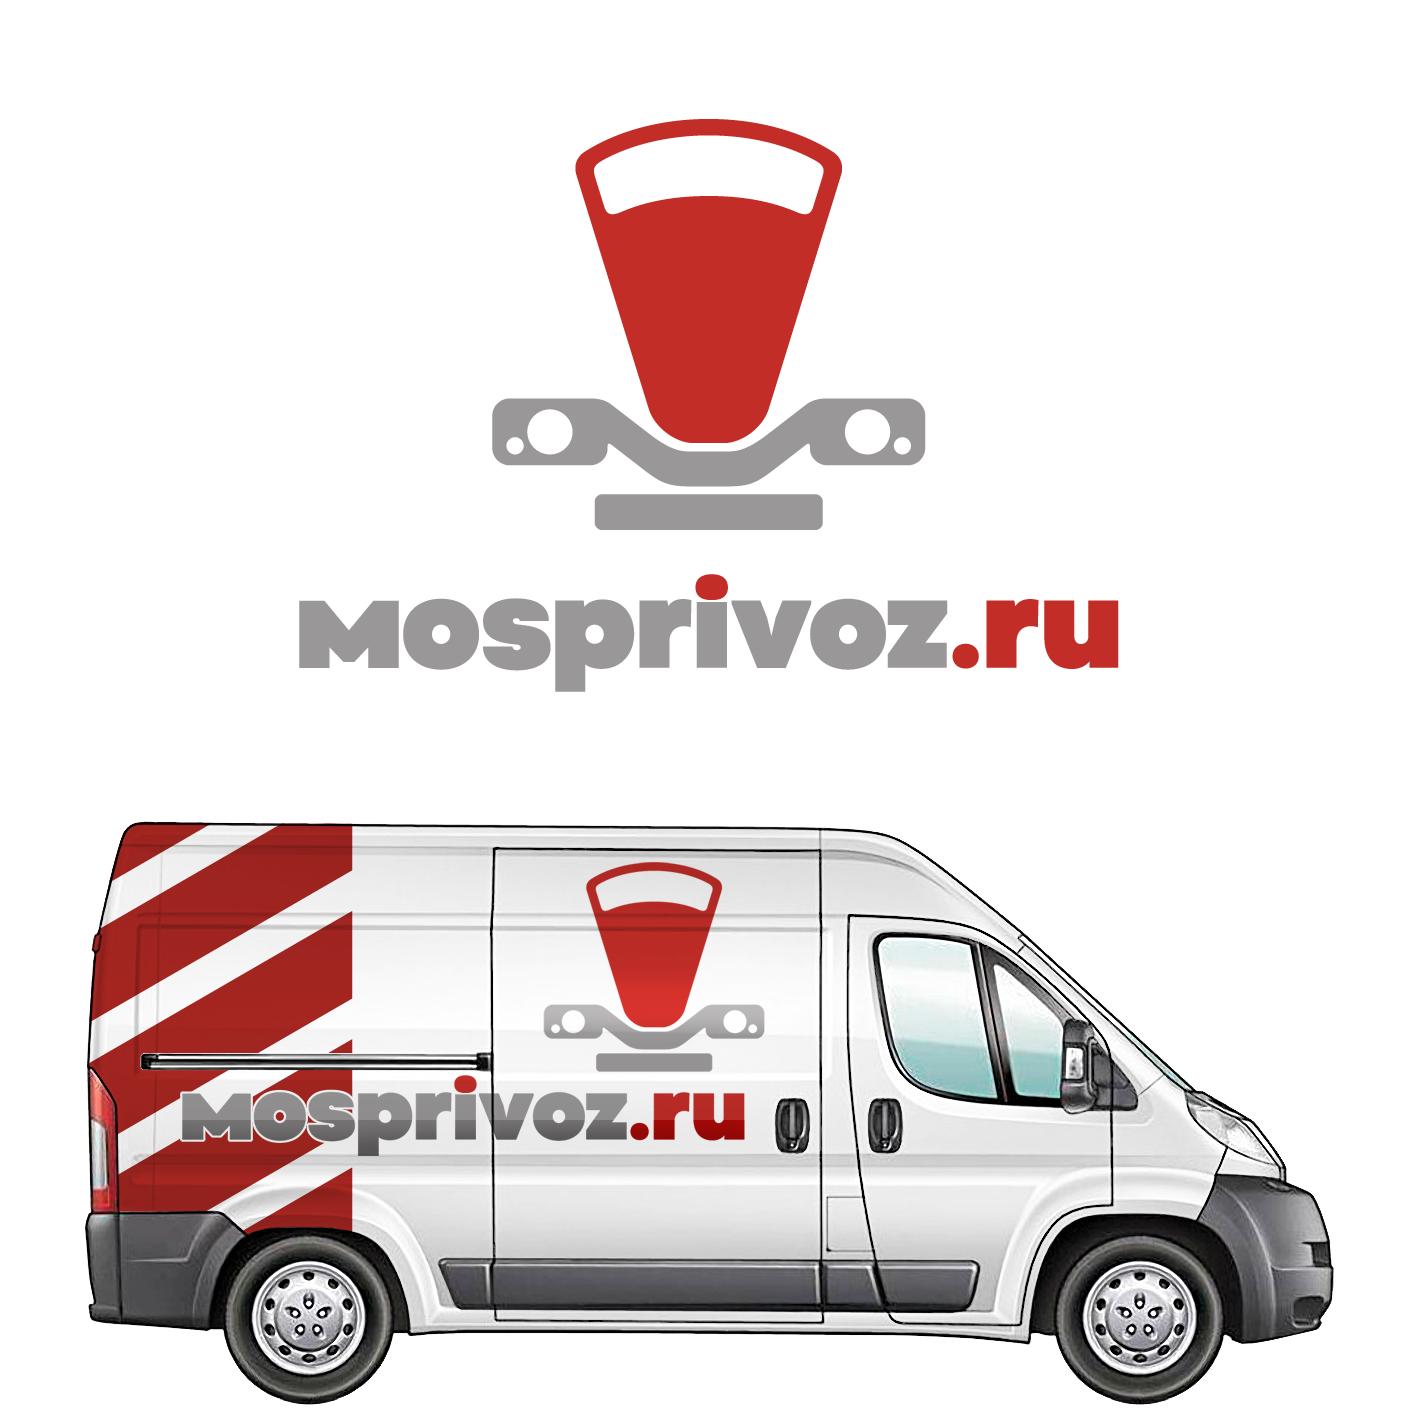 Логотип. Интернет - магазин по доставке продуктов питания. фото f_0445ad13c3e43359.png